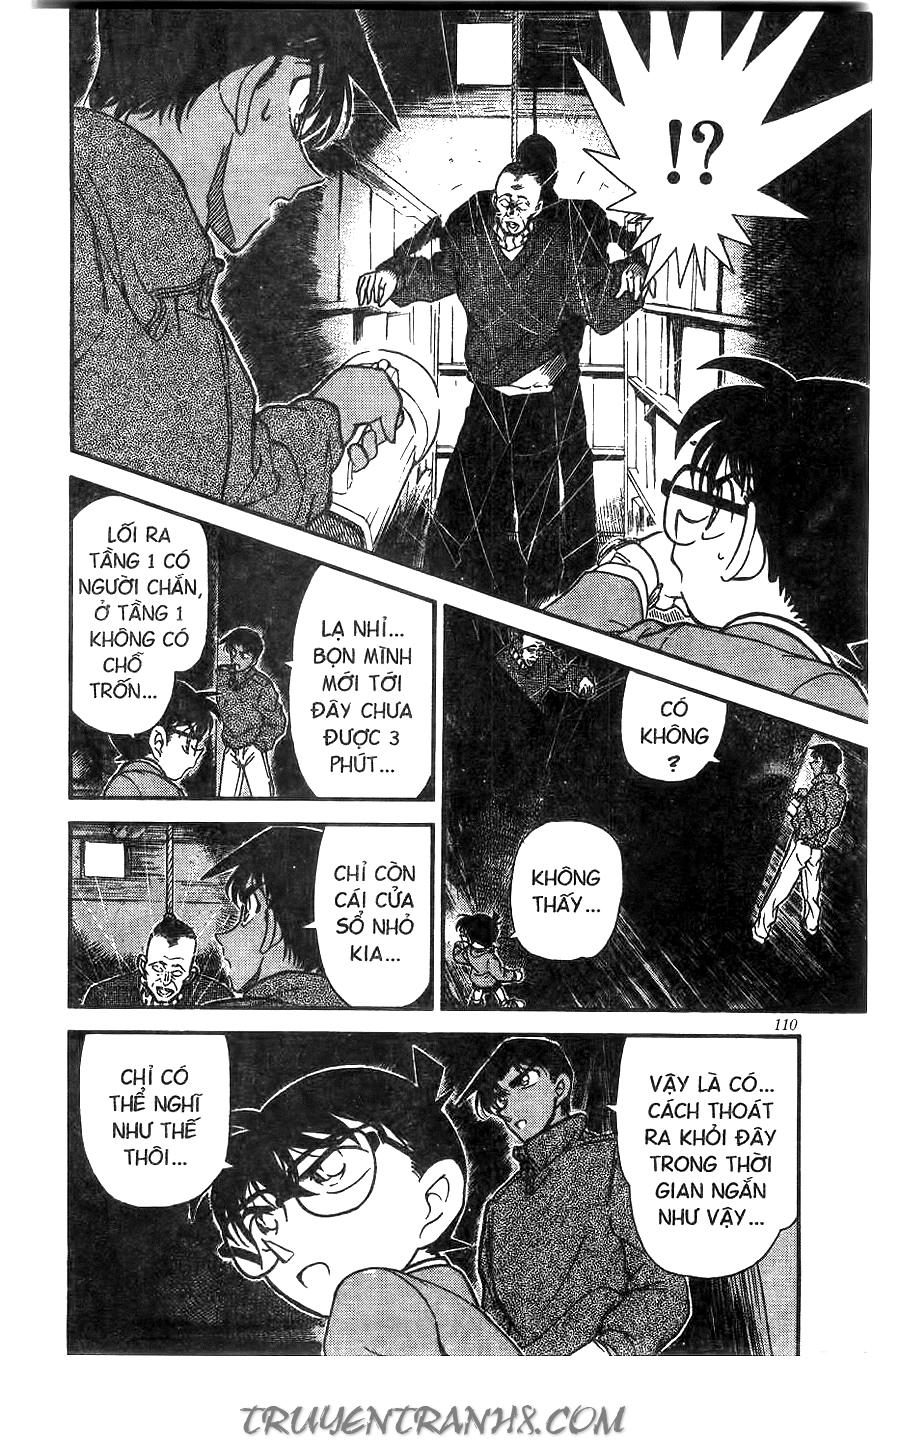 xem truyen moi - Conan chap 249